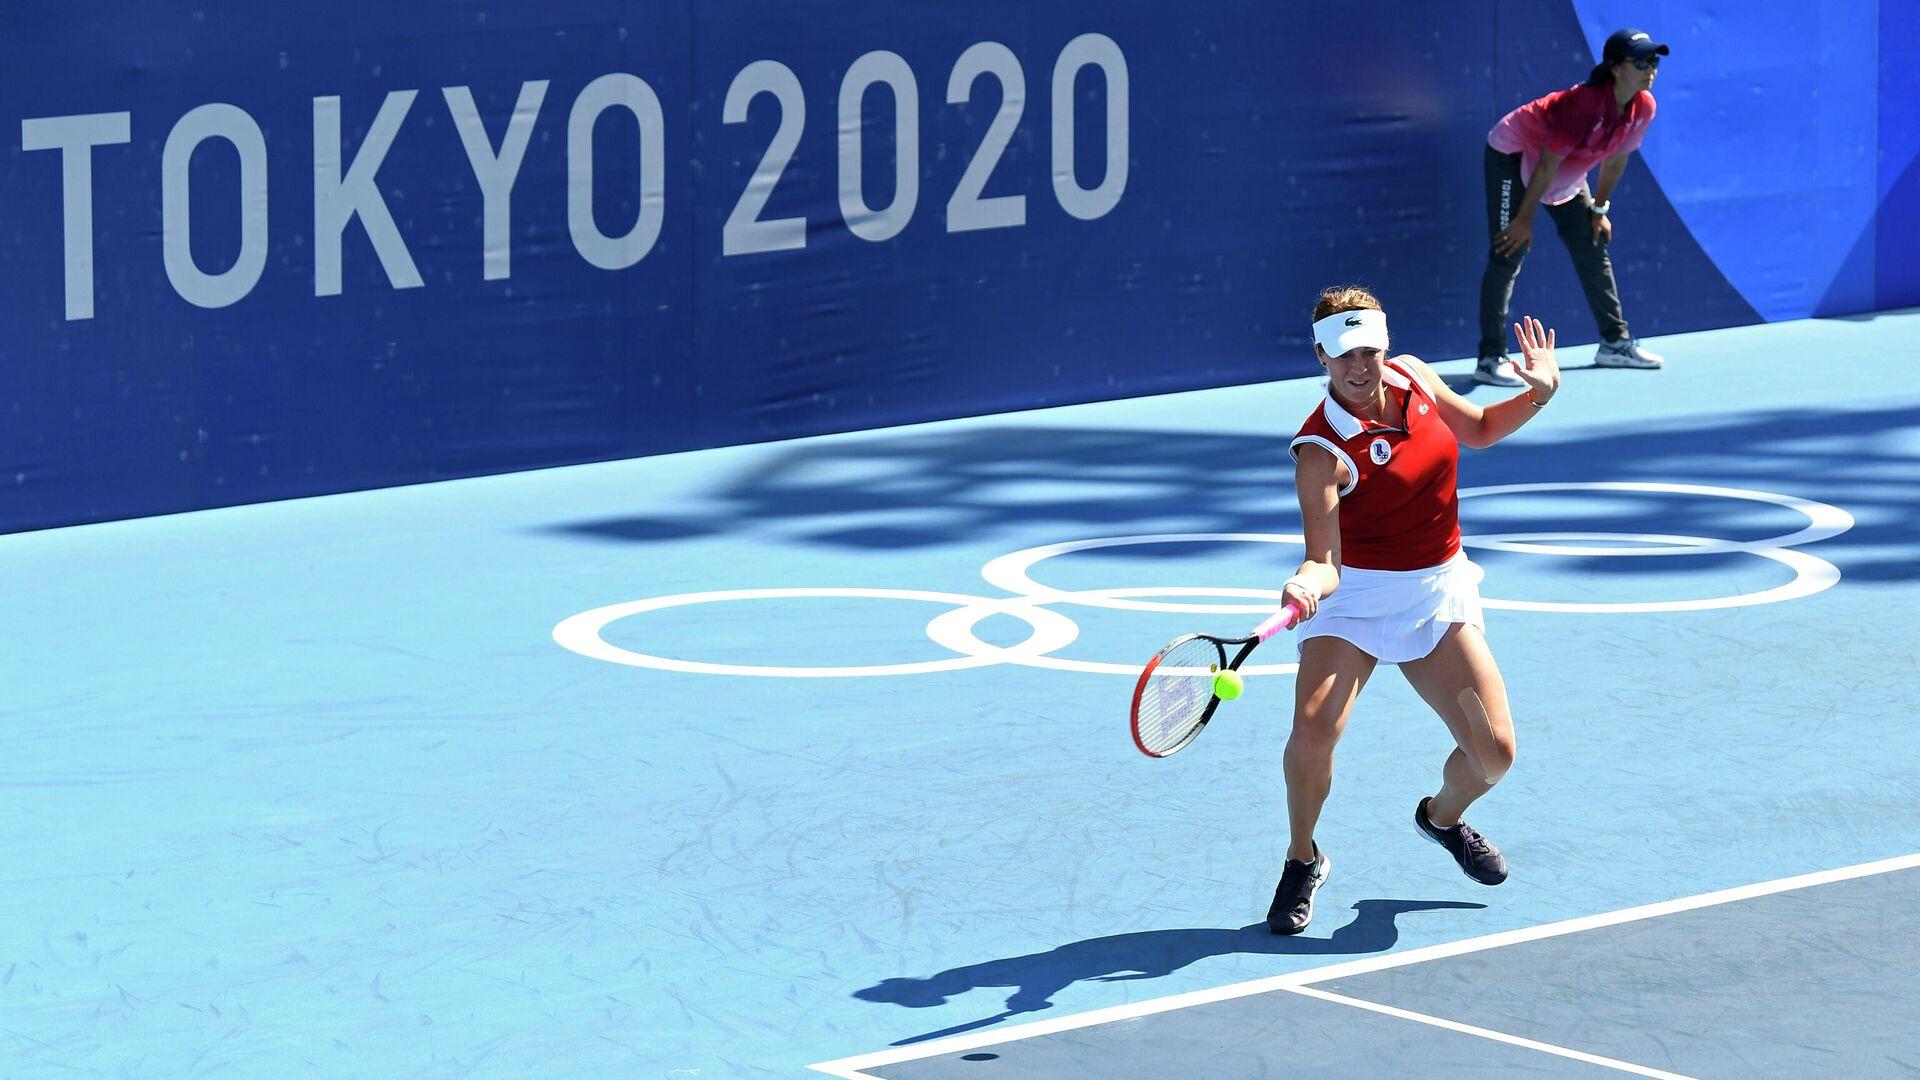 Анастасия Павлюченкова на Олимпийских играх в Токио - РИА Новости, 1920, 27.07.2021